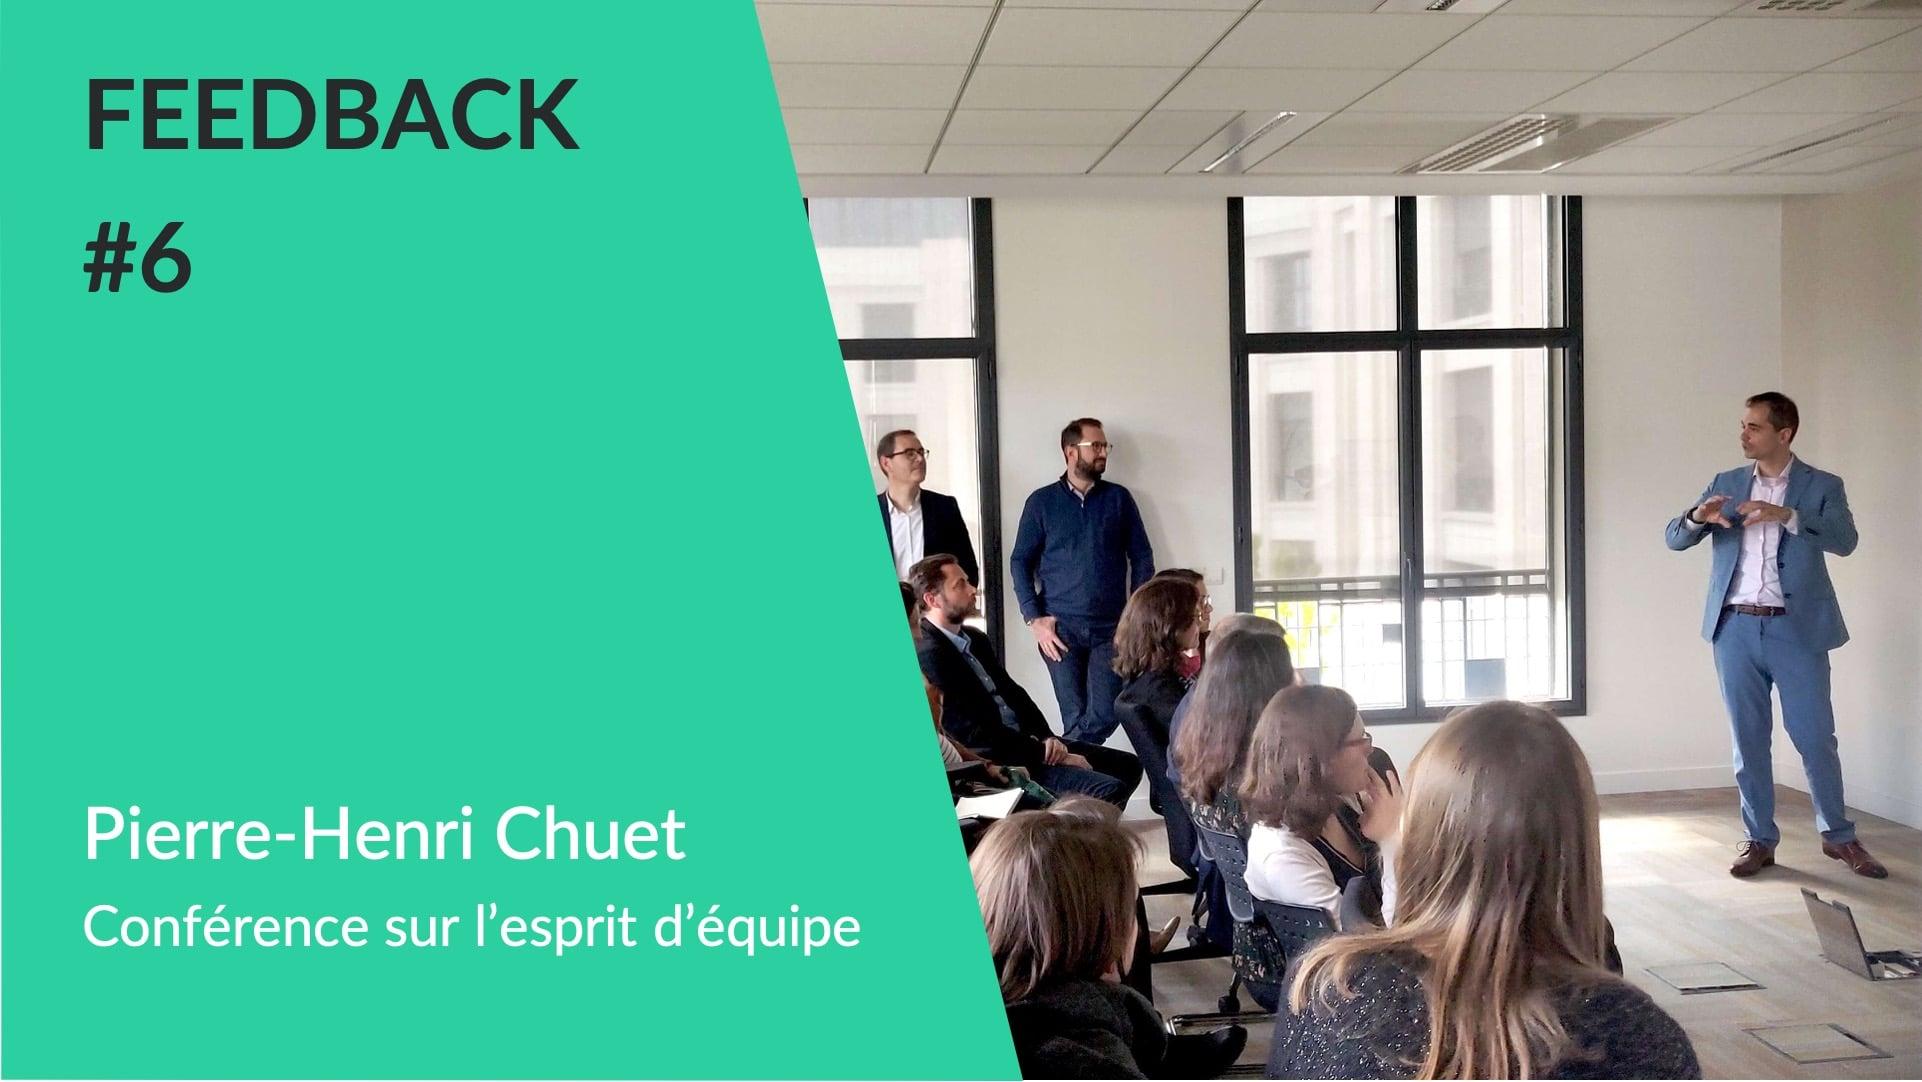 feedback conférence esprit equipe wechamp pierre henri chuet bureau de conférenciers